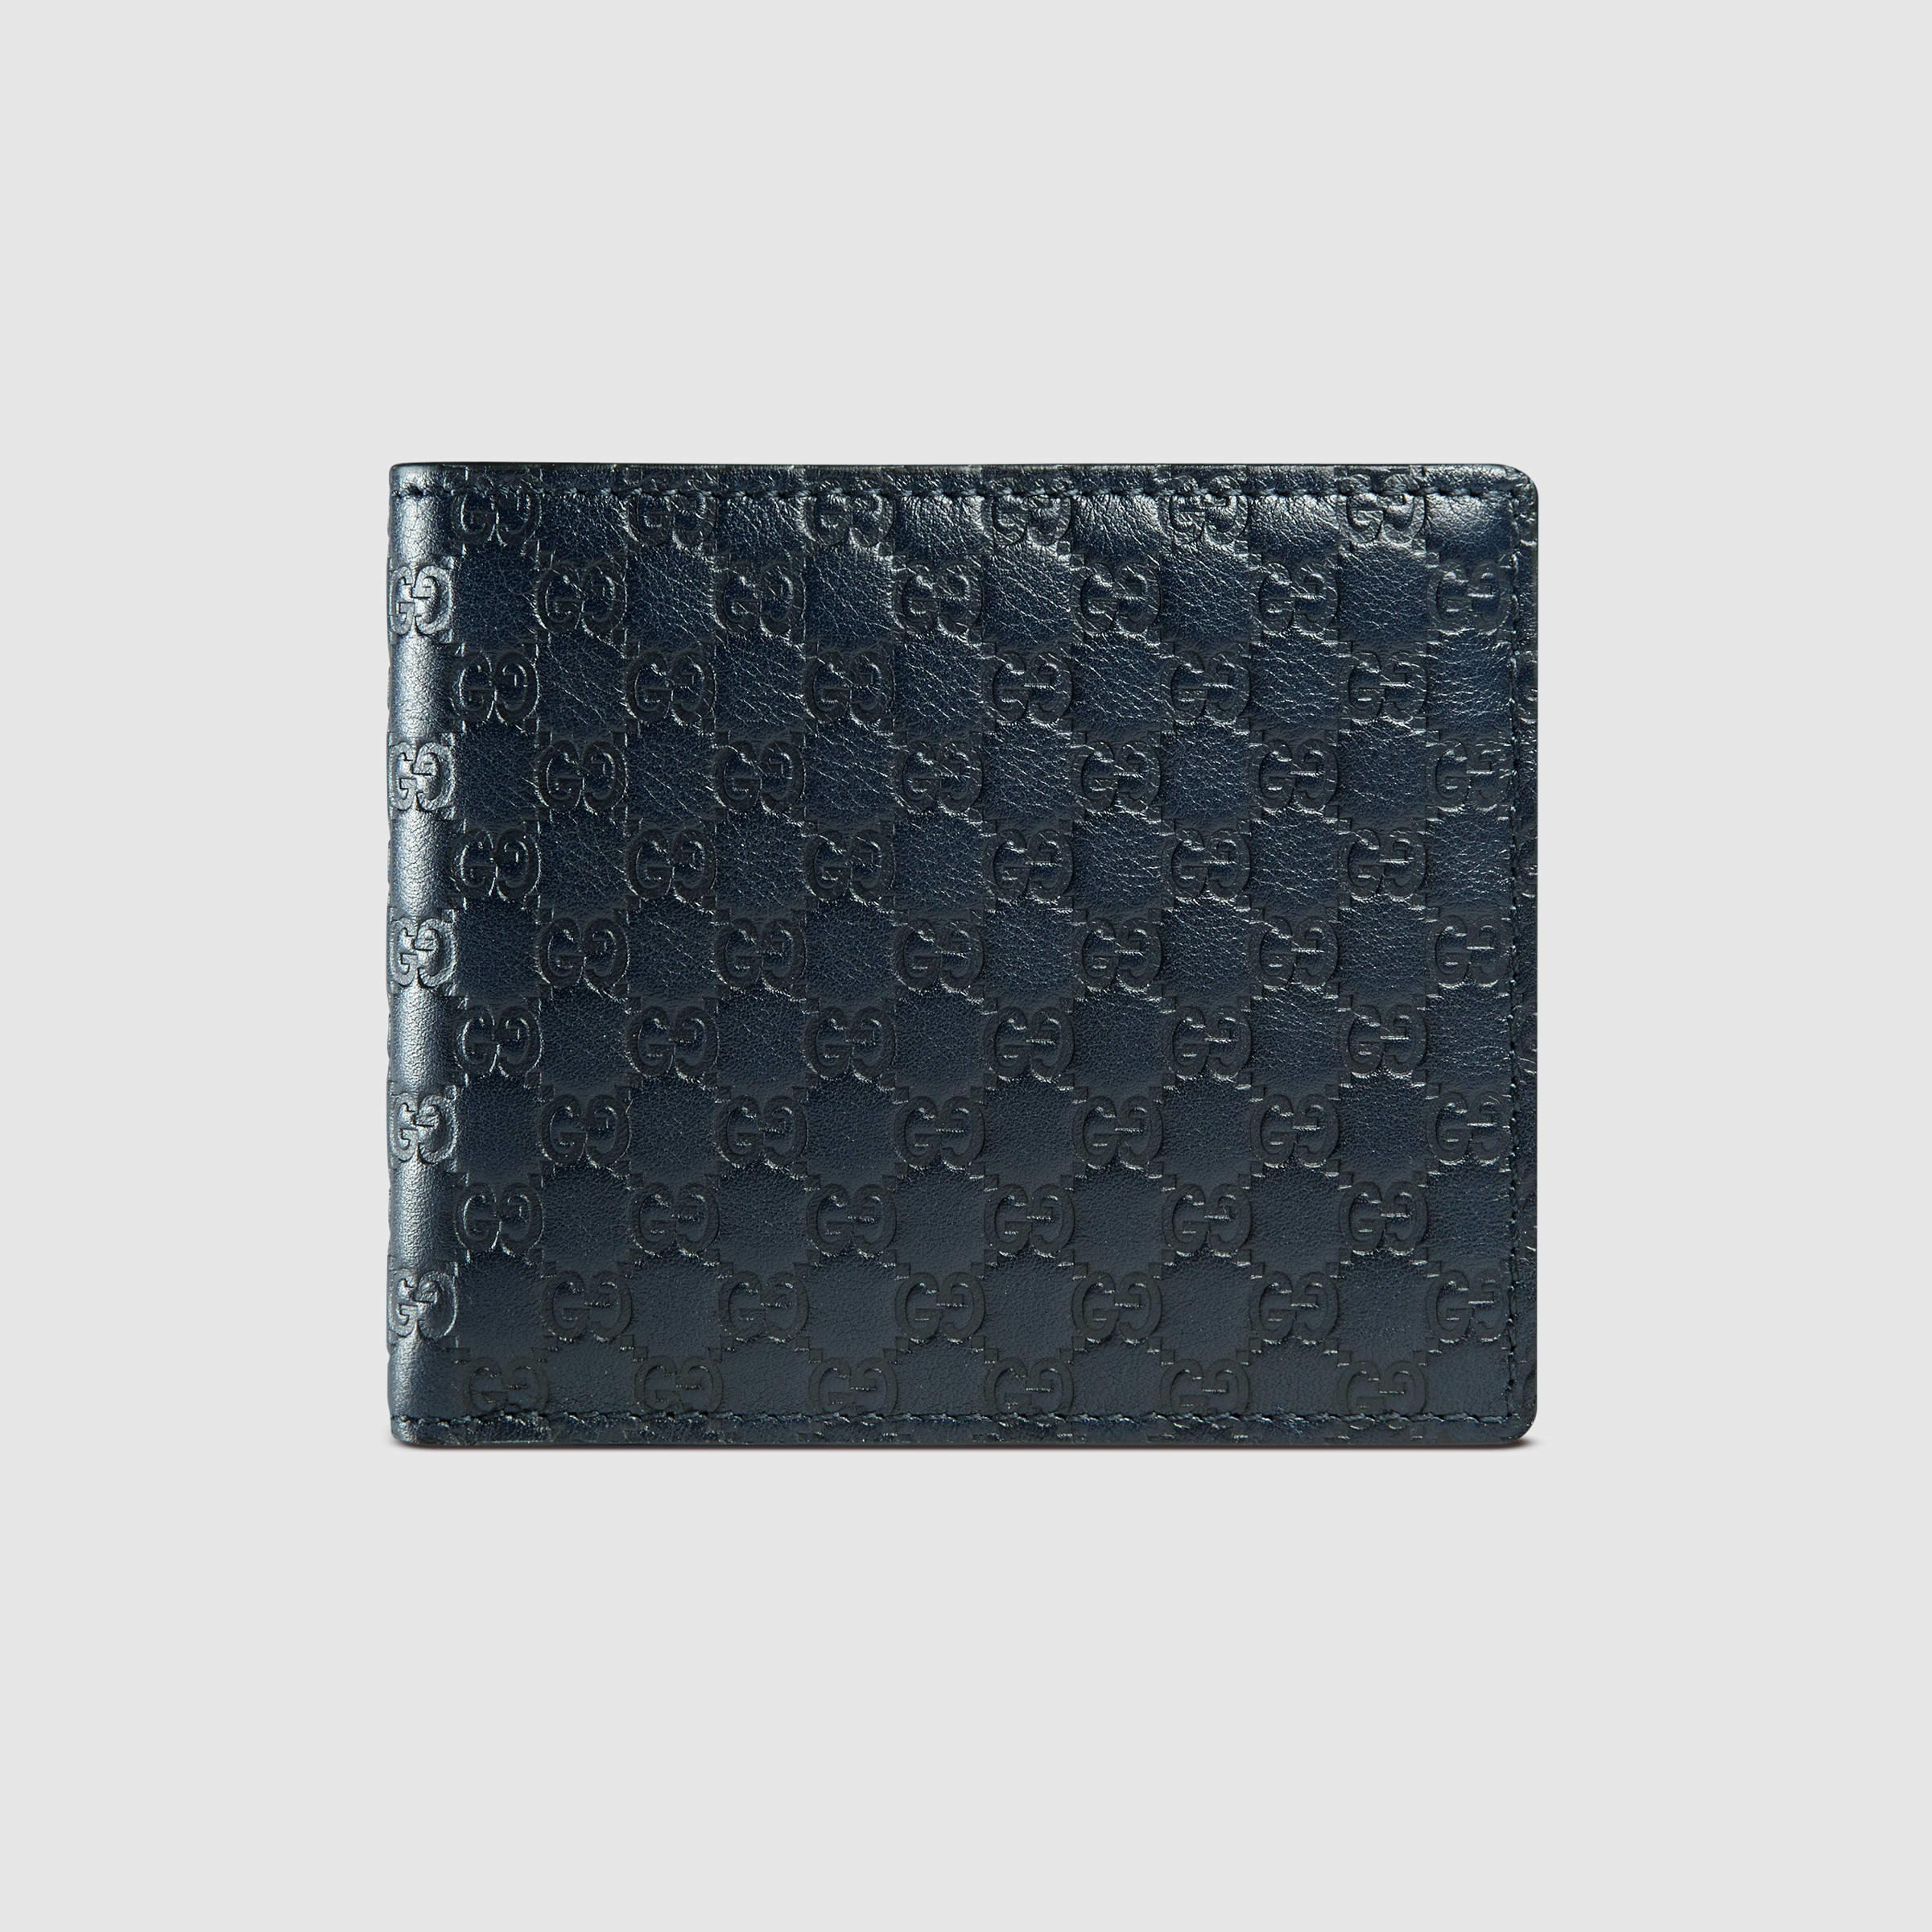 49e70ad629fe Gucci Microssima Leather Bi-fold Wallet in Black - Lyst